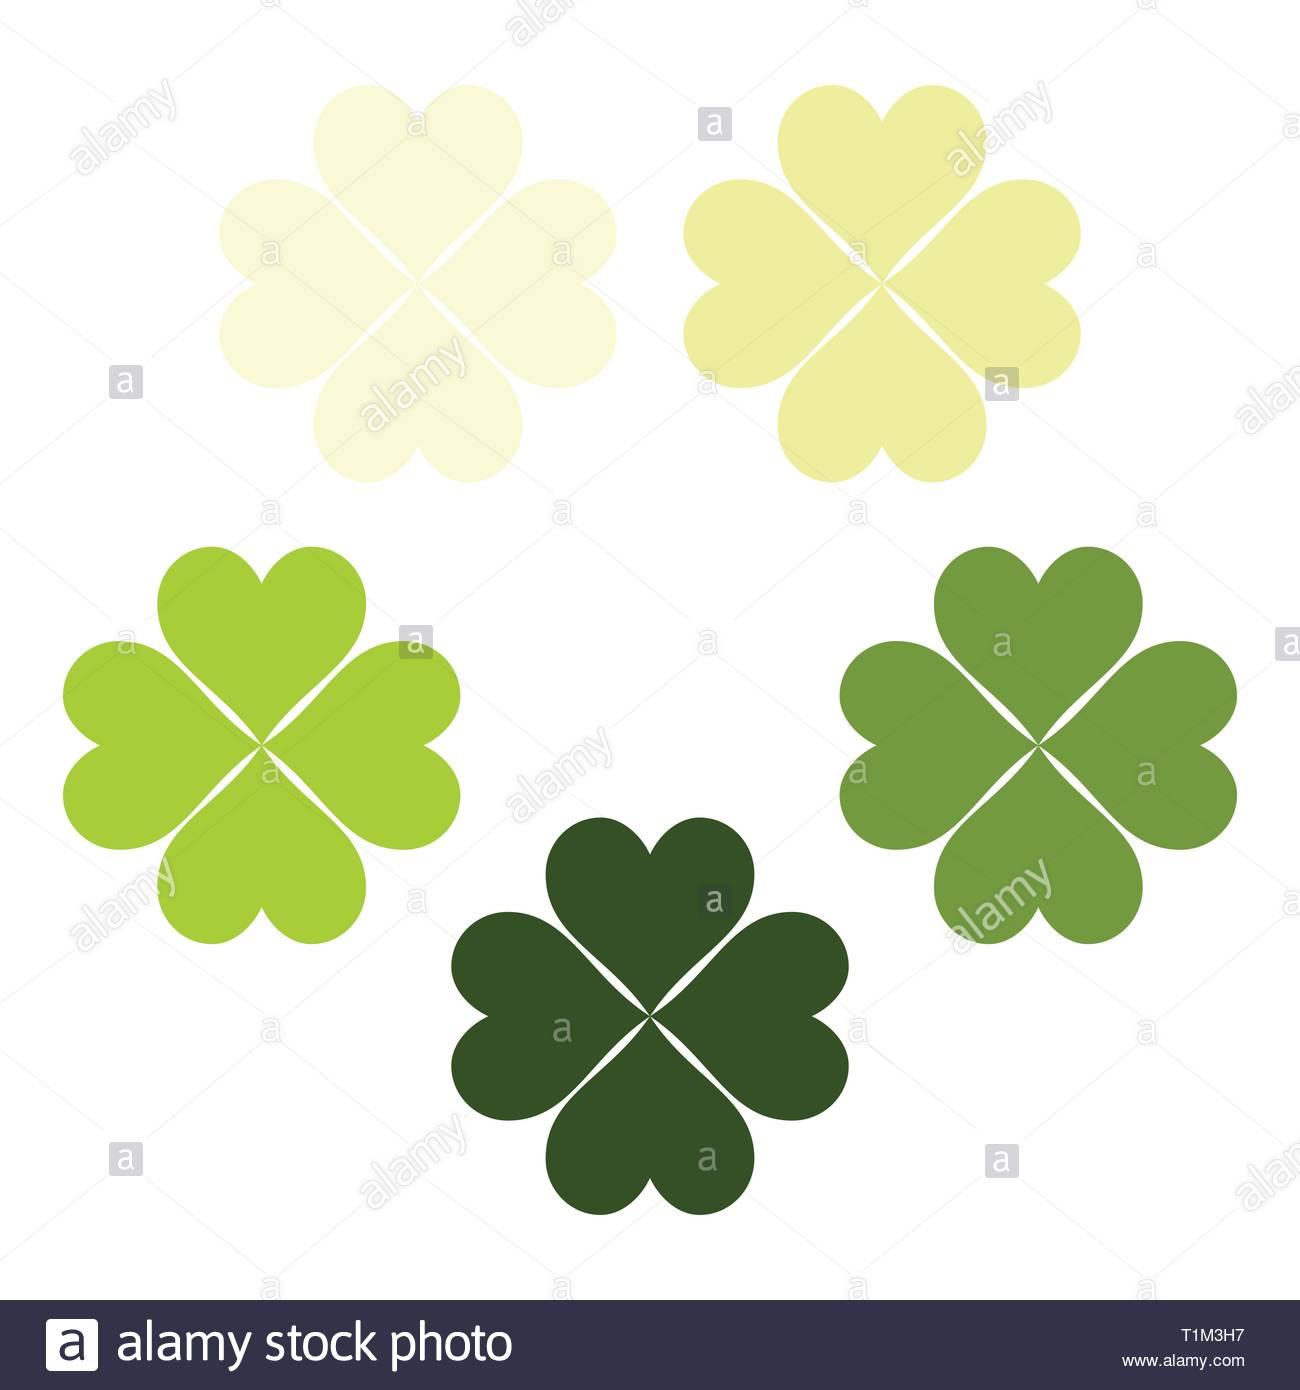 Ein leichtes grün eingestellt von Clover Blätter, ein Symbol für Glück, poker Symbol. Stockbild